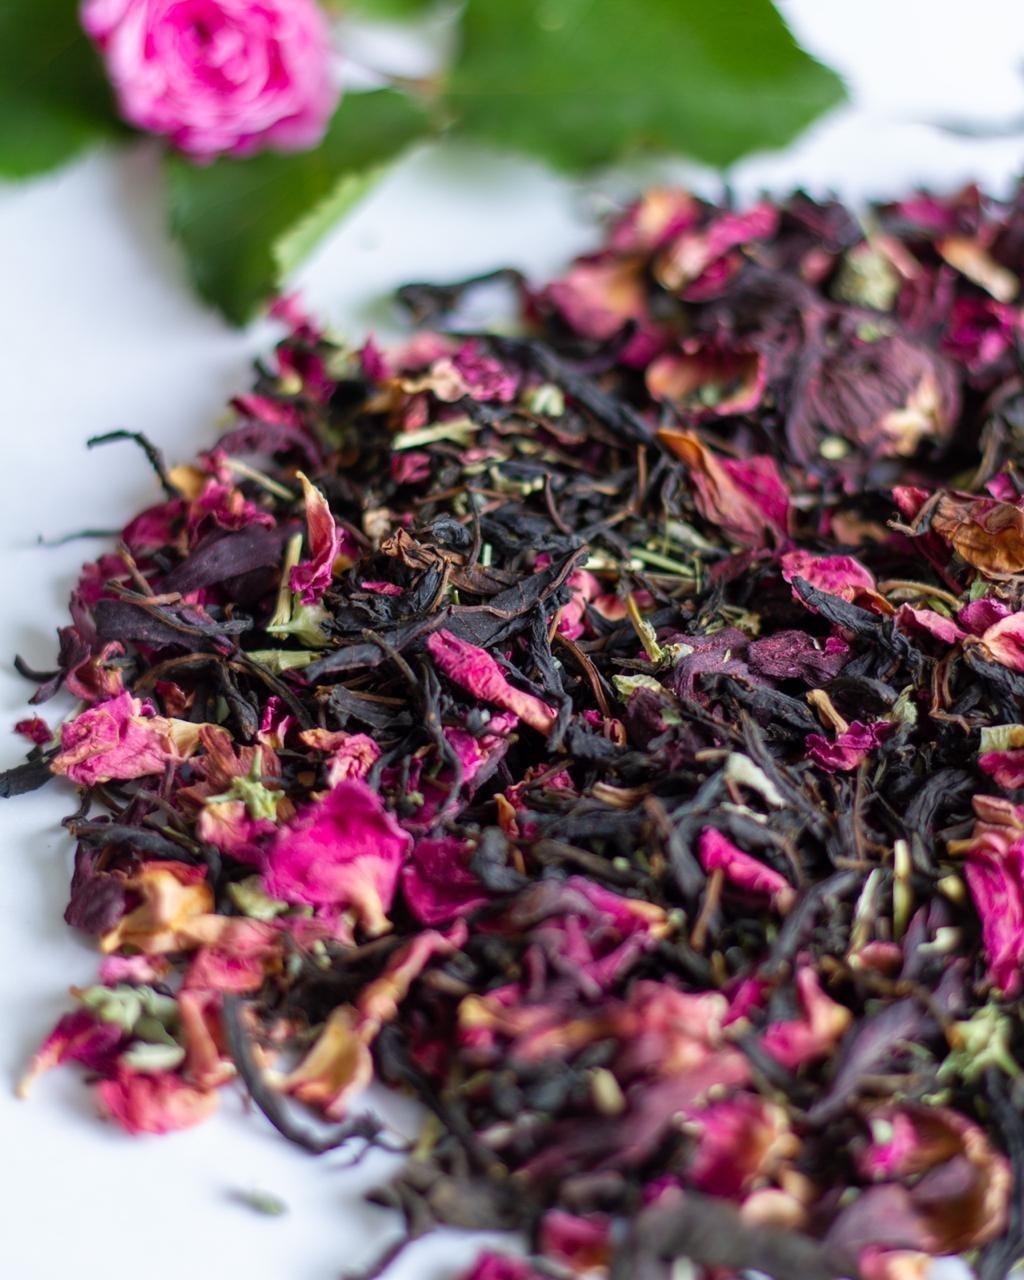 ПРИТЯЖЕНИЕ Травяной чай Контейнер биоразлагаемый крафт 70 грамм